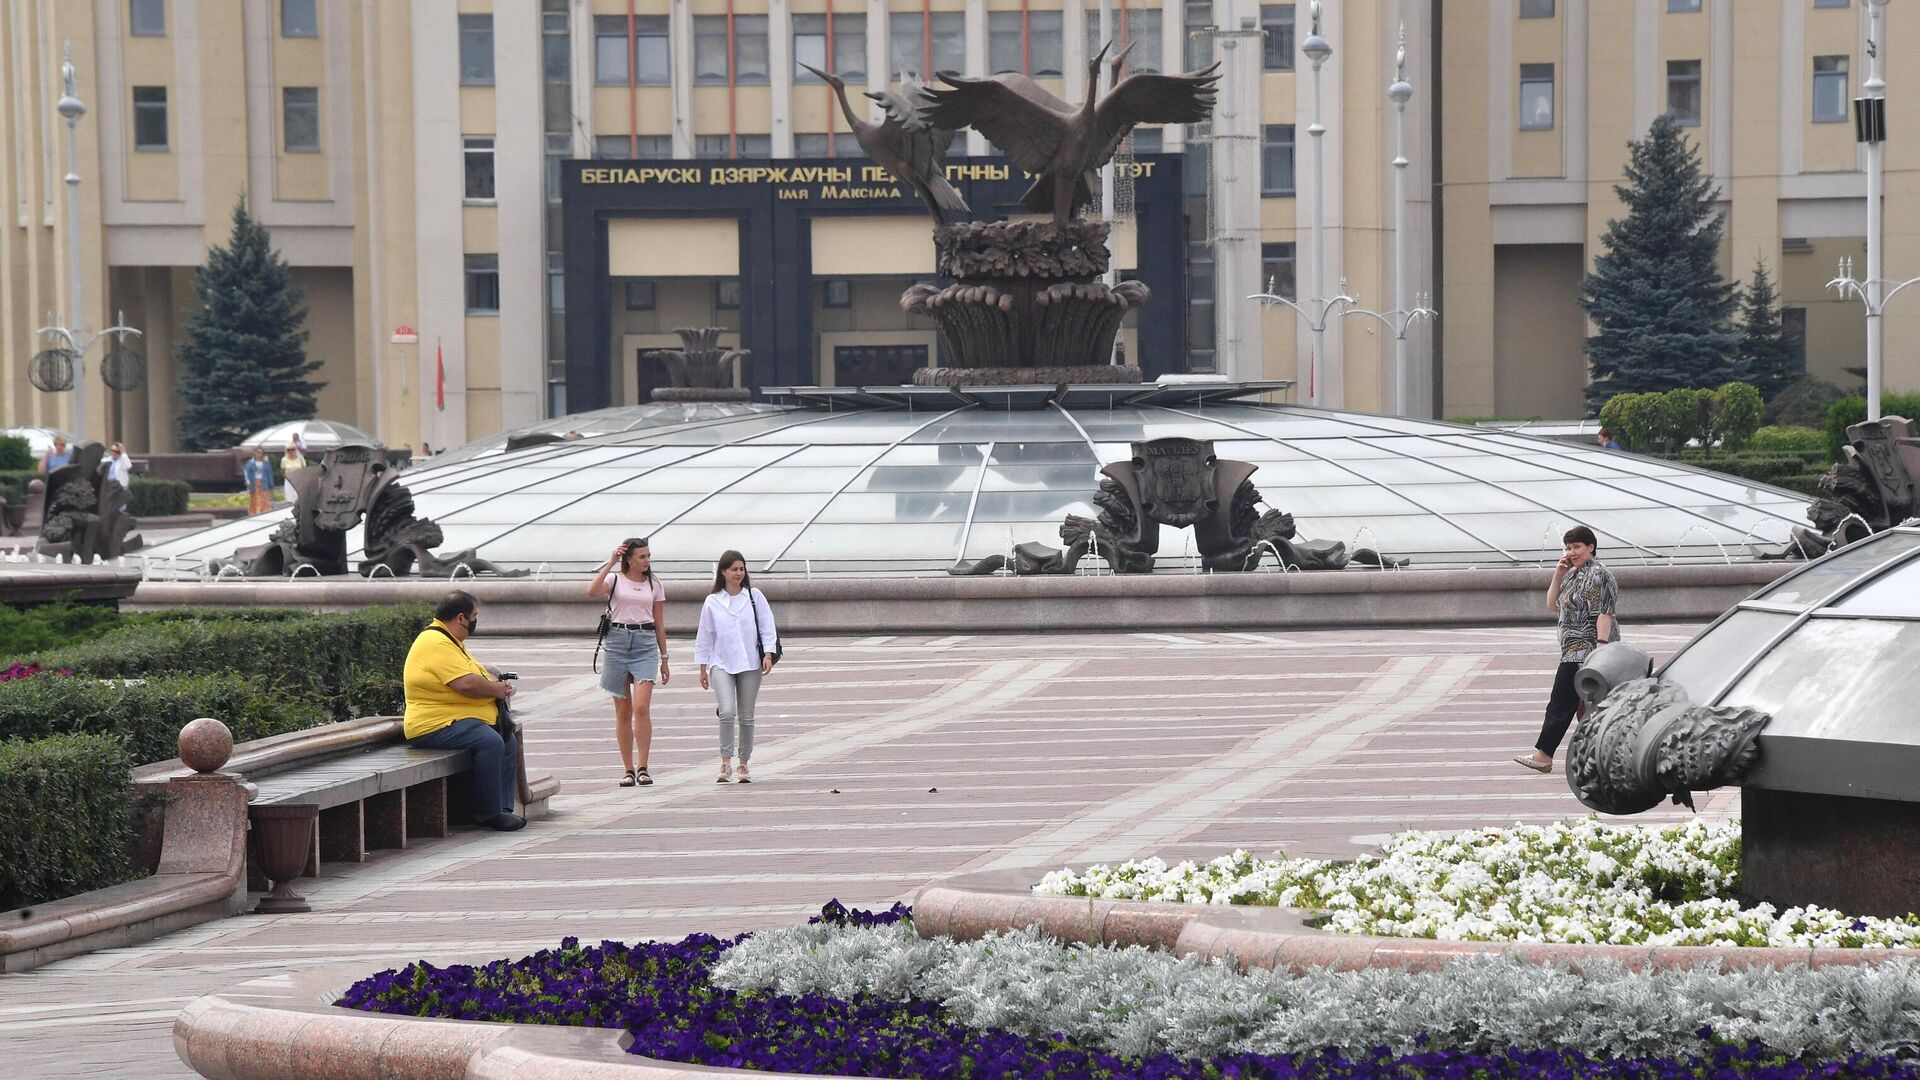 Мининформ Белоруссии объяснил ограничение доступа к сайту kp.by угрожающей публикацией